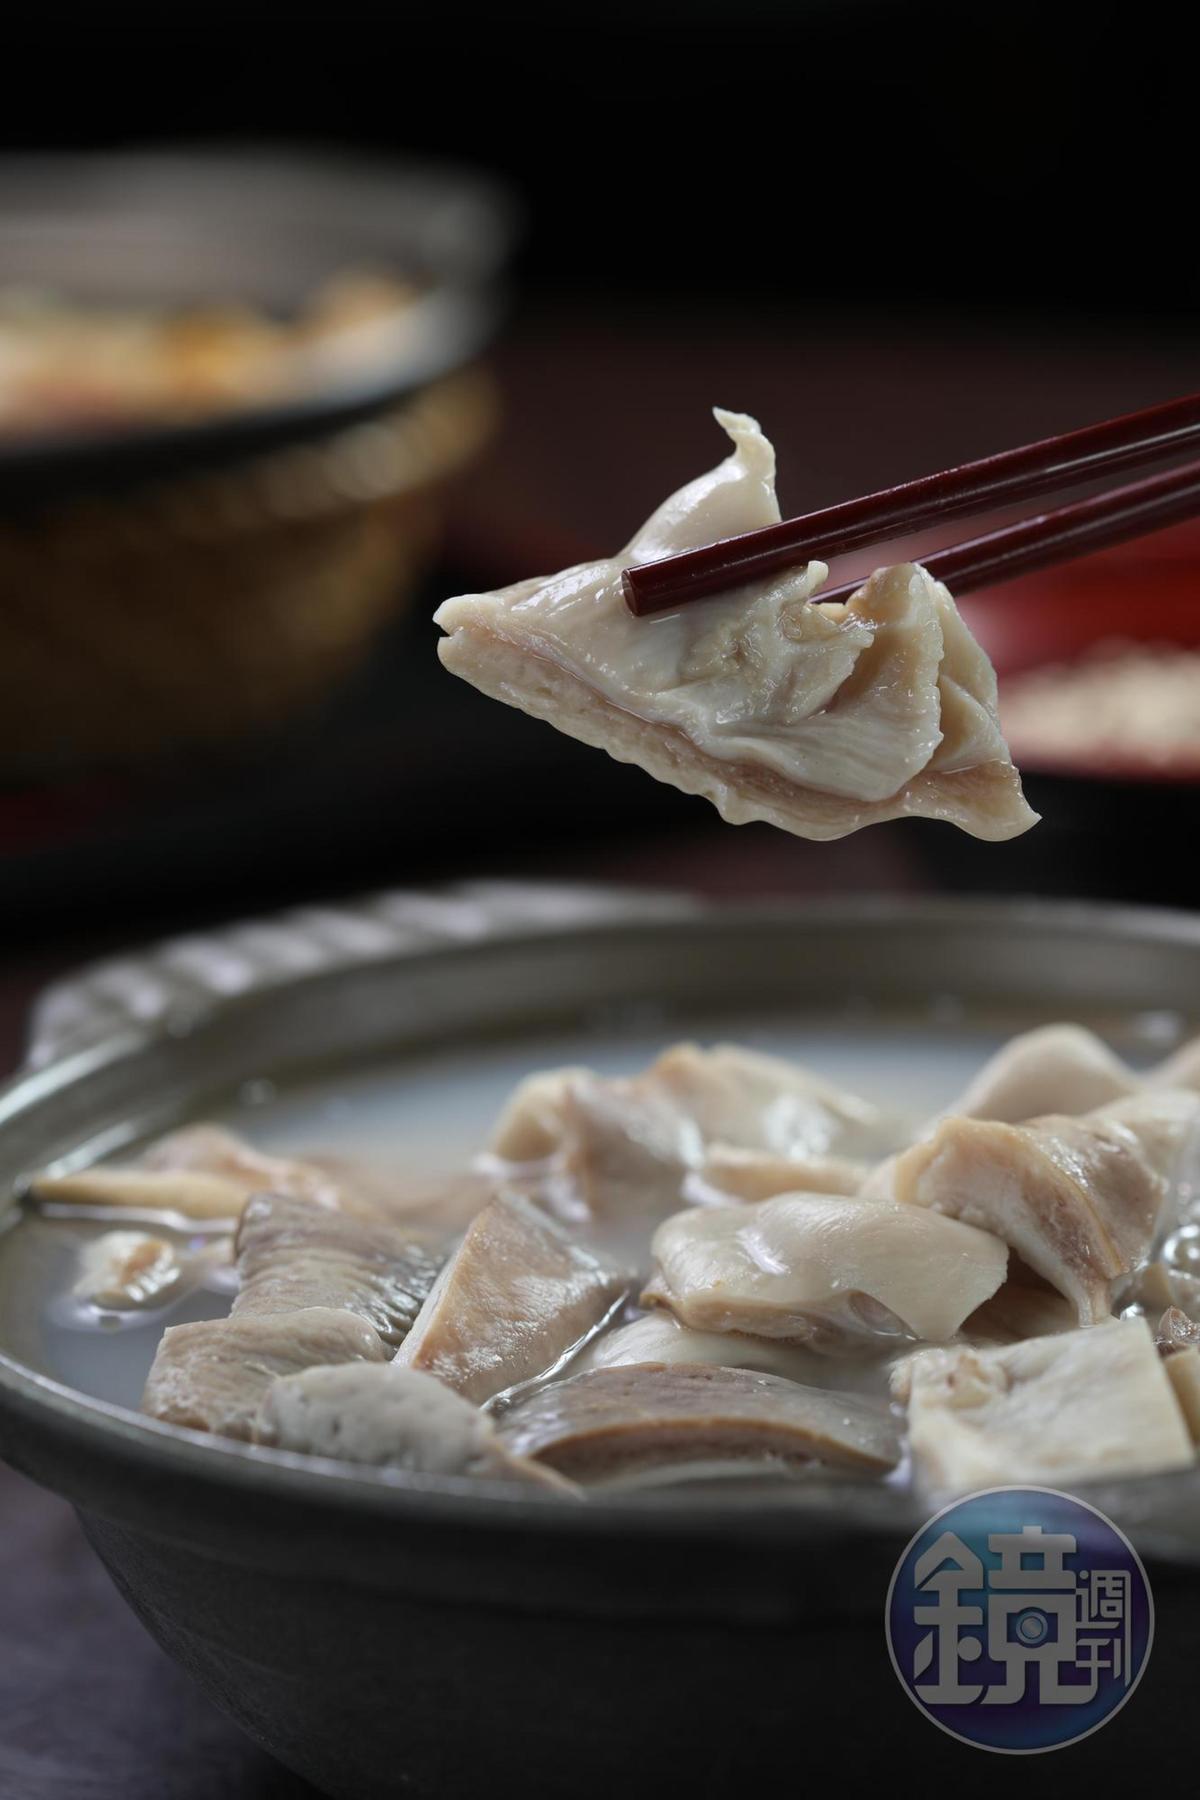 「胡椒豬肚湯煲」的湯頭盡是白胡椒的香氣卻不辛嗆,豬肚爽脆不爛。(200元/份)